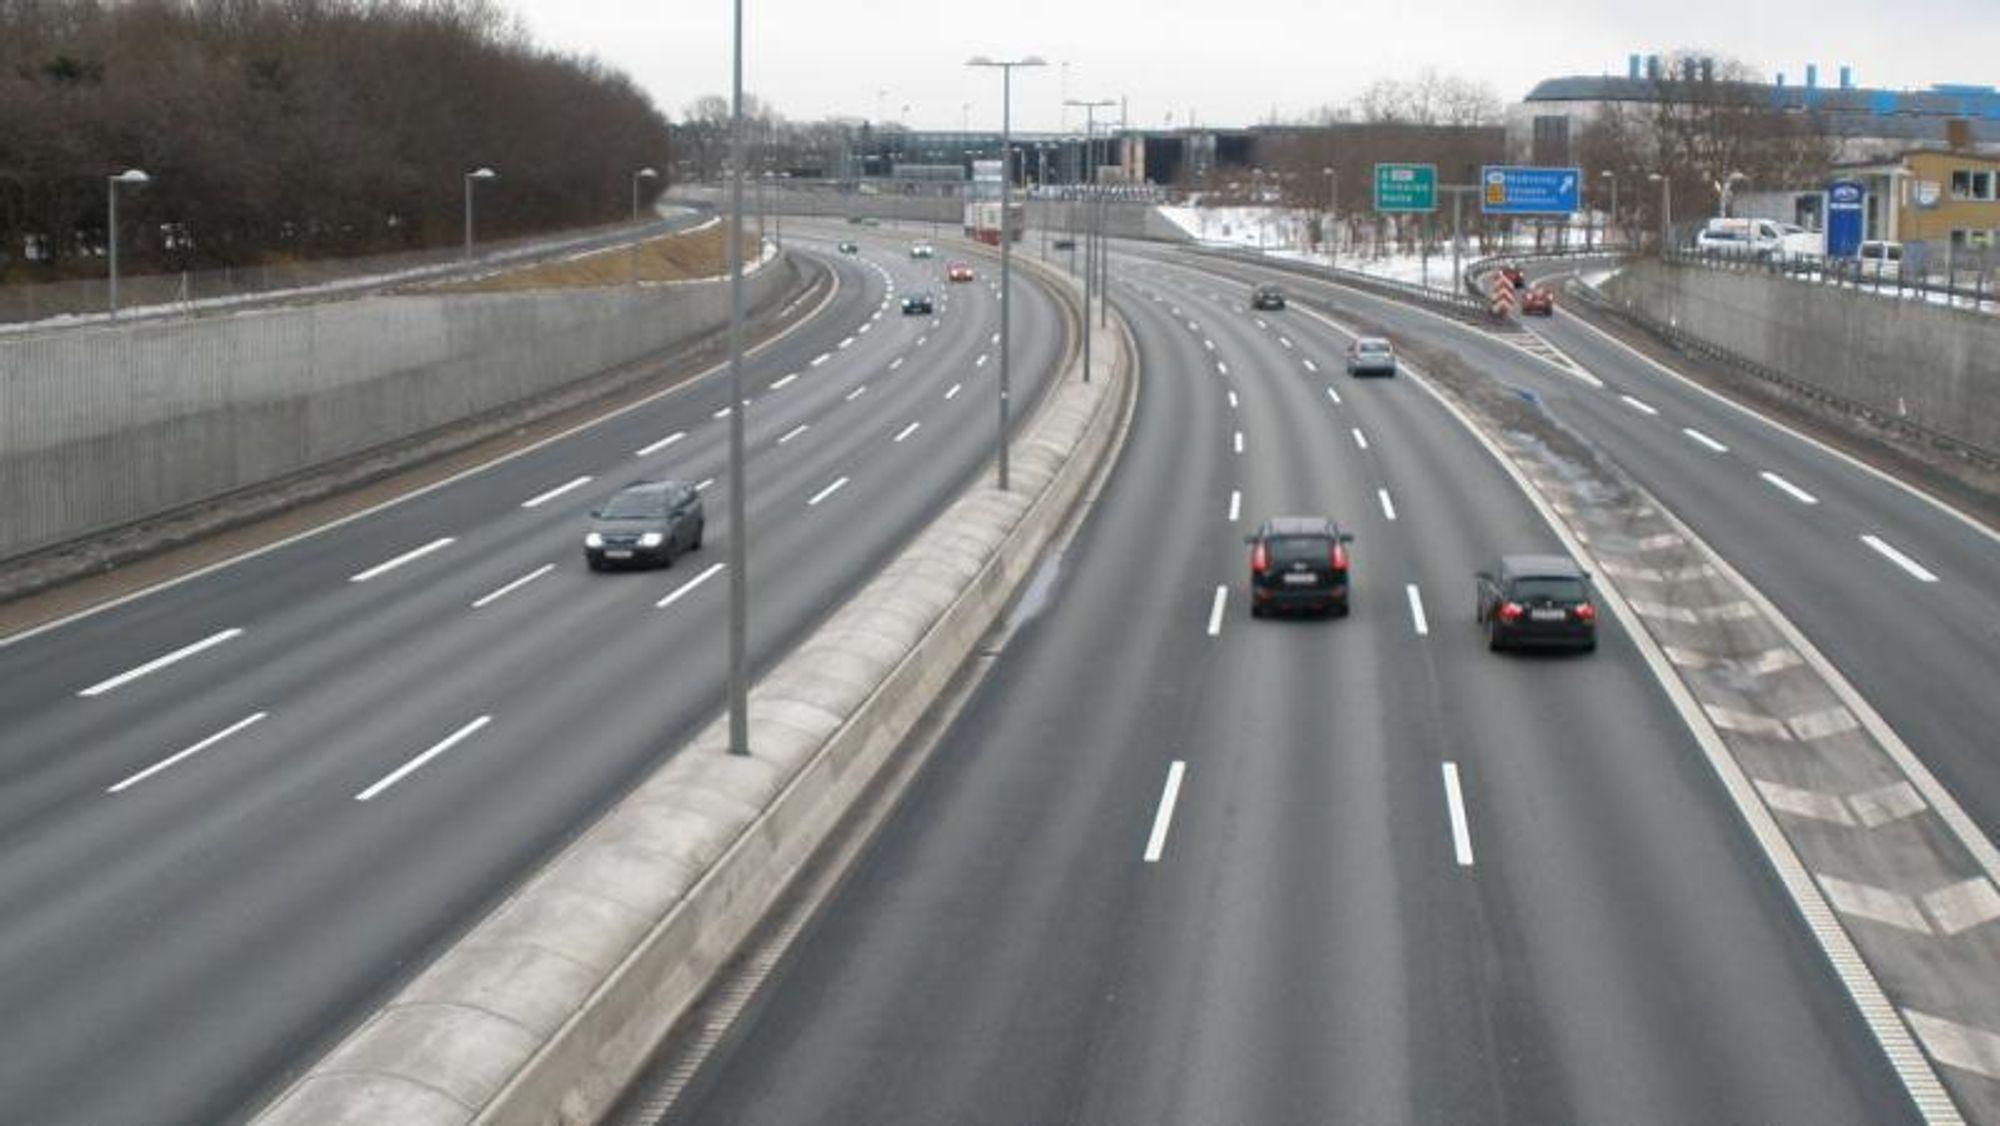 Asfalt med såkalt støyreduserende slitebane (SRS) har blant annet blitt brukt på Motorring 3